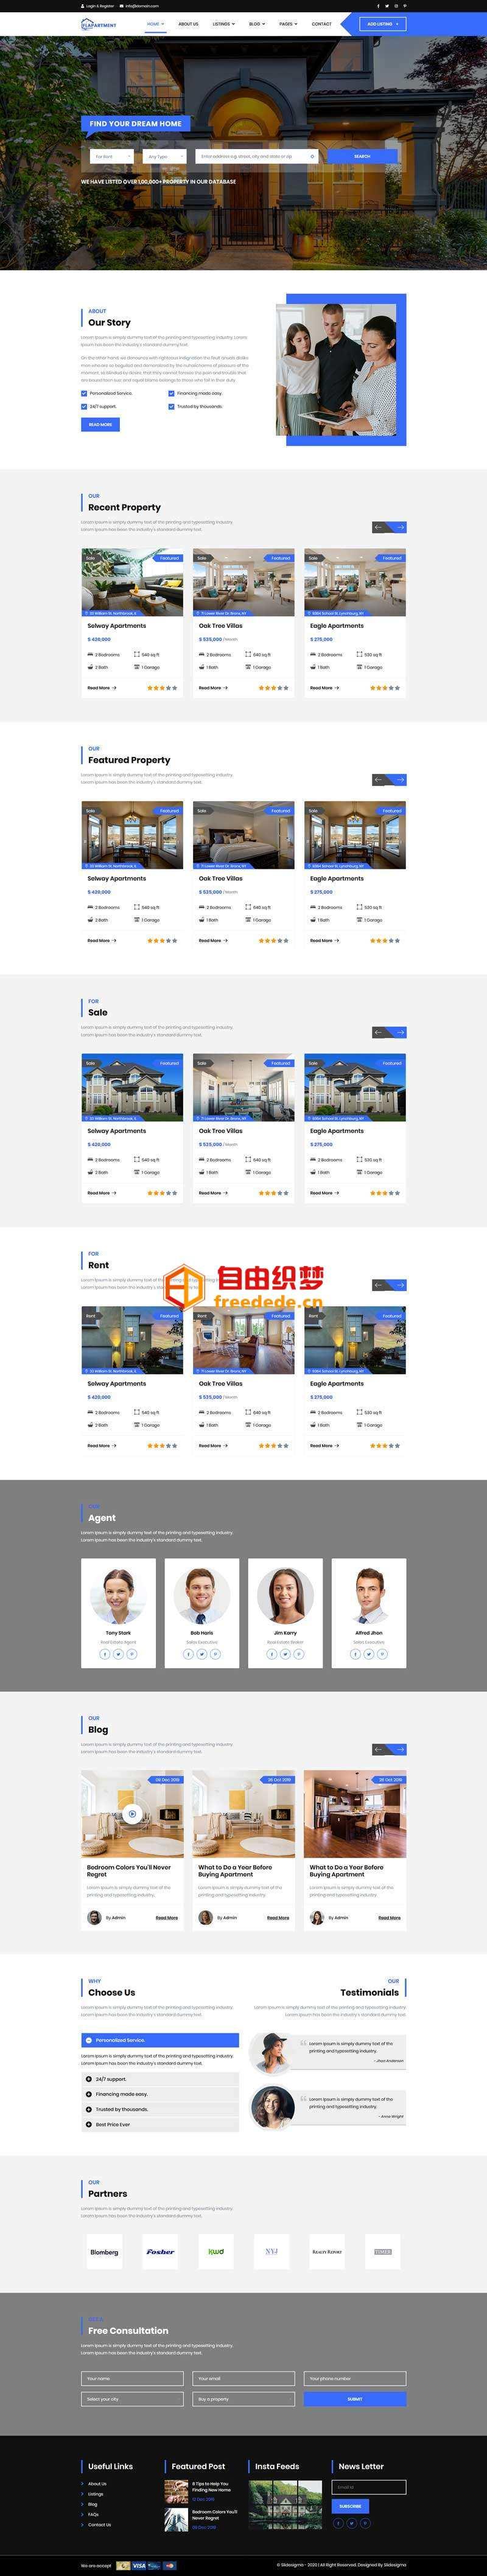 爱上源码网文章大气的房产租赁交易平台网站模板的内容插图